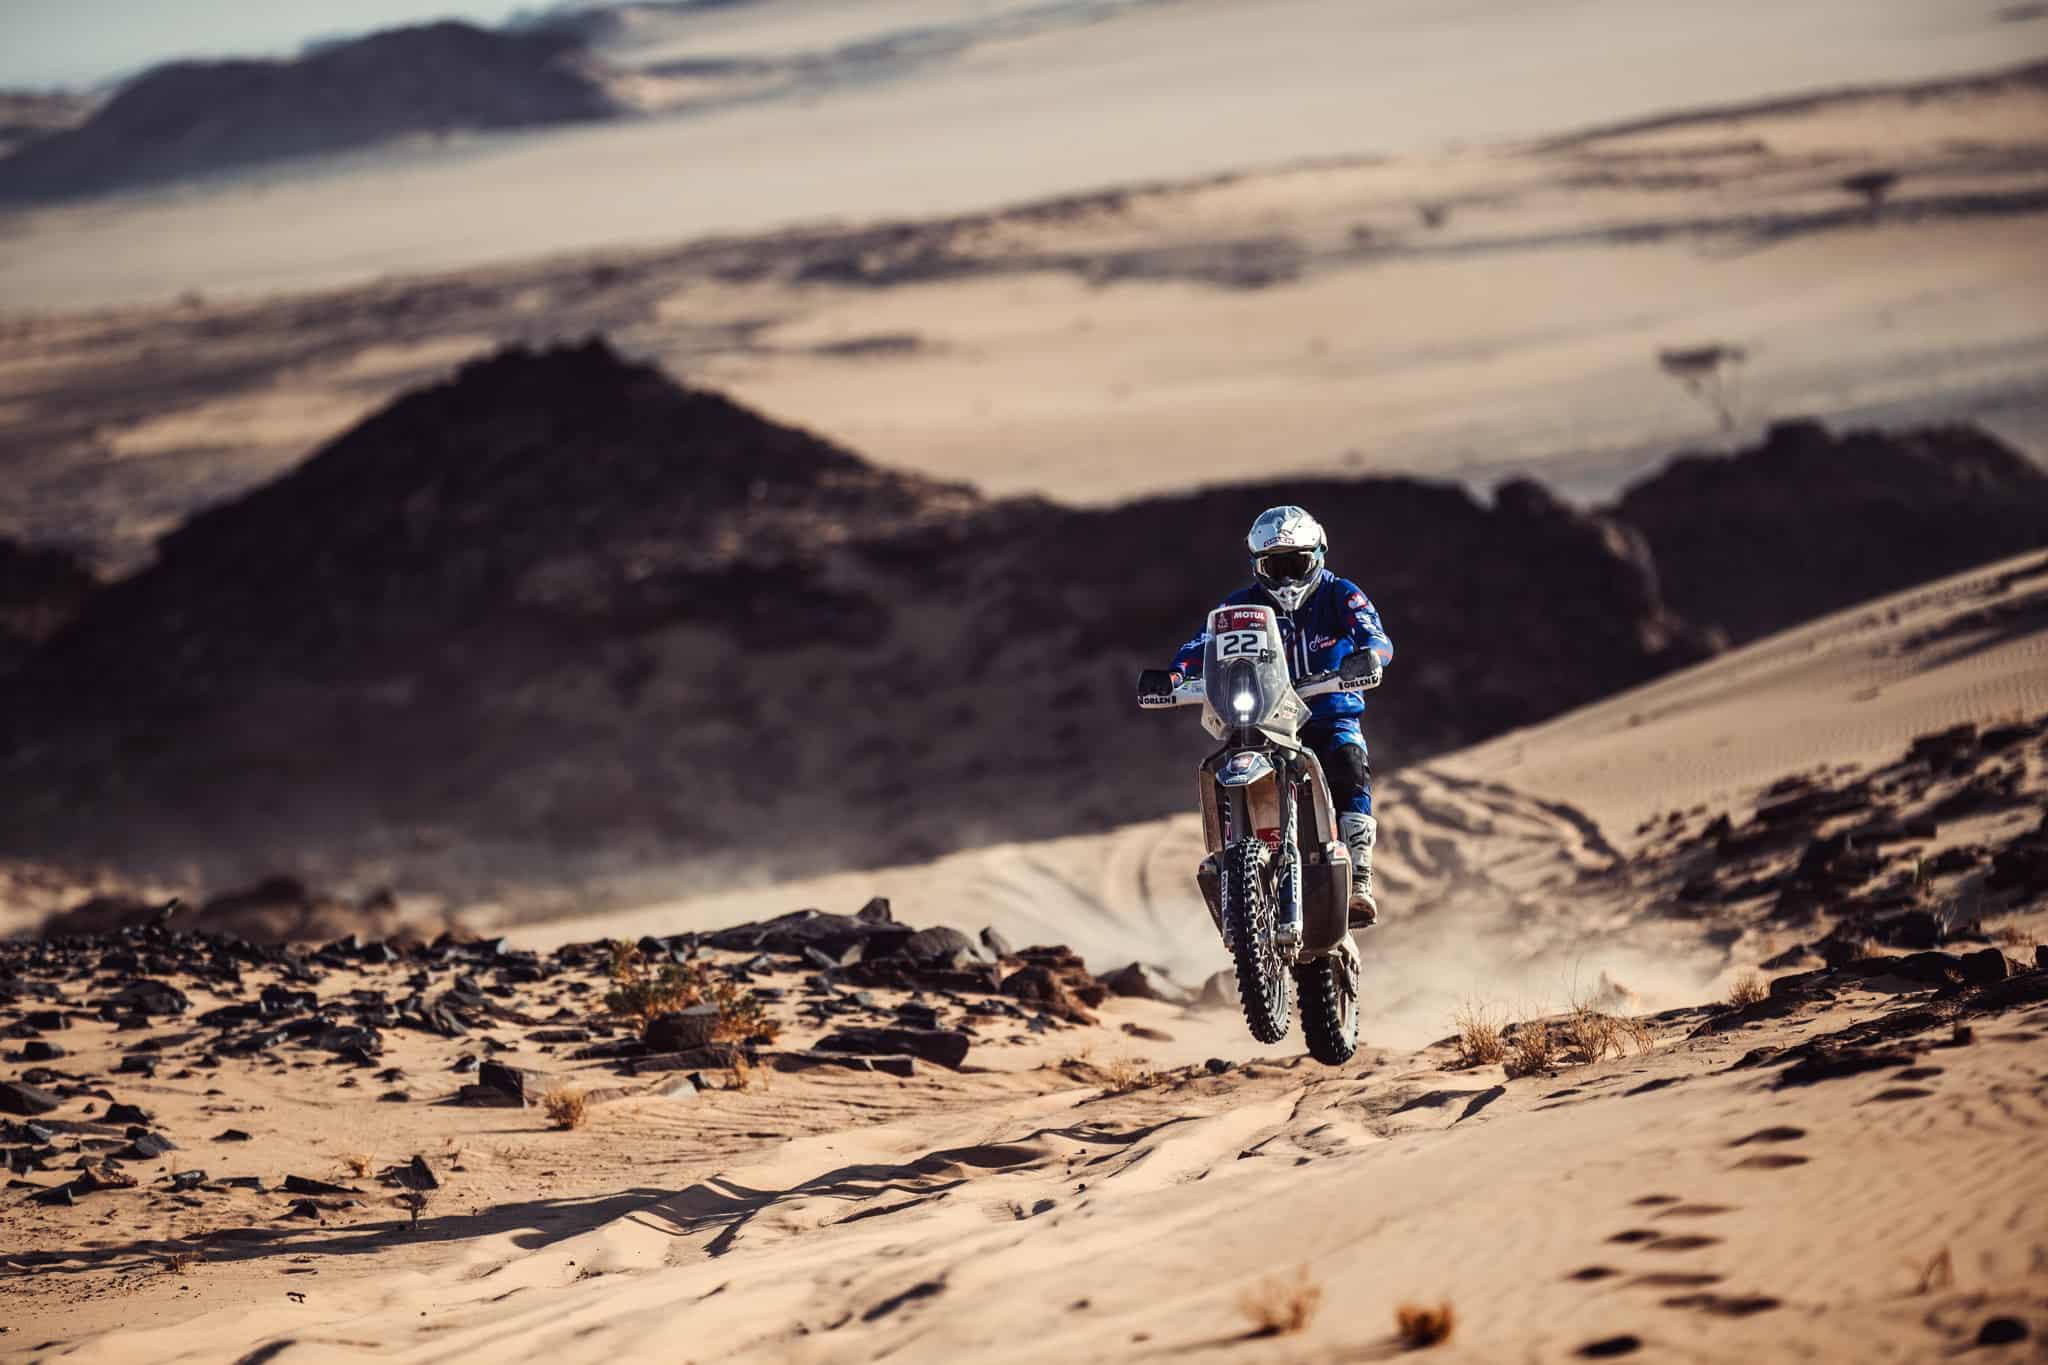 Rajd Dakar 2021. Orlen Team